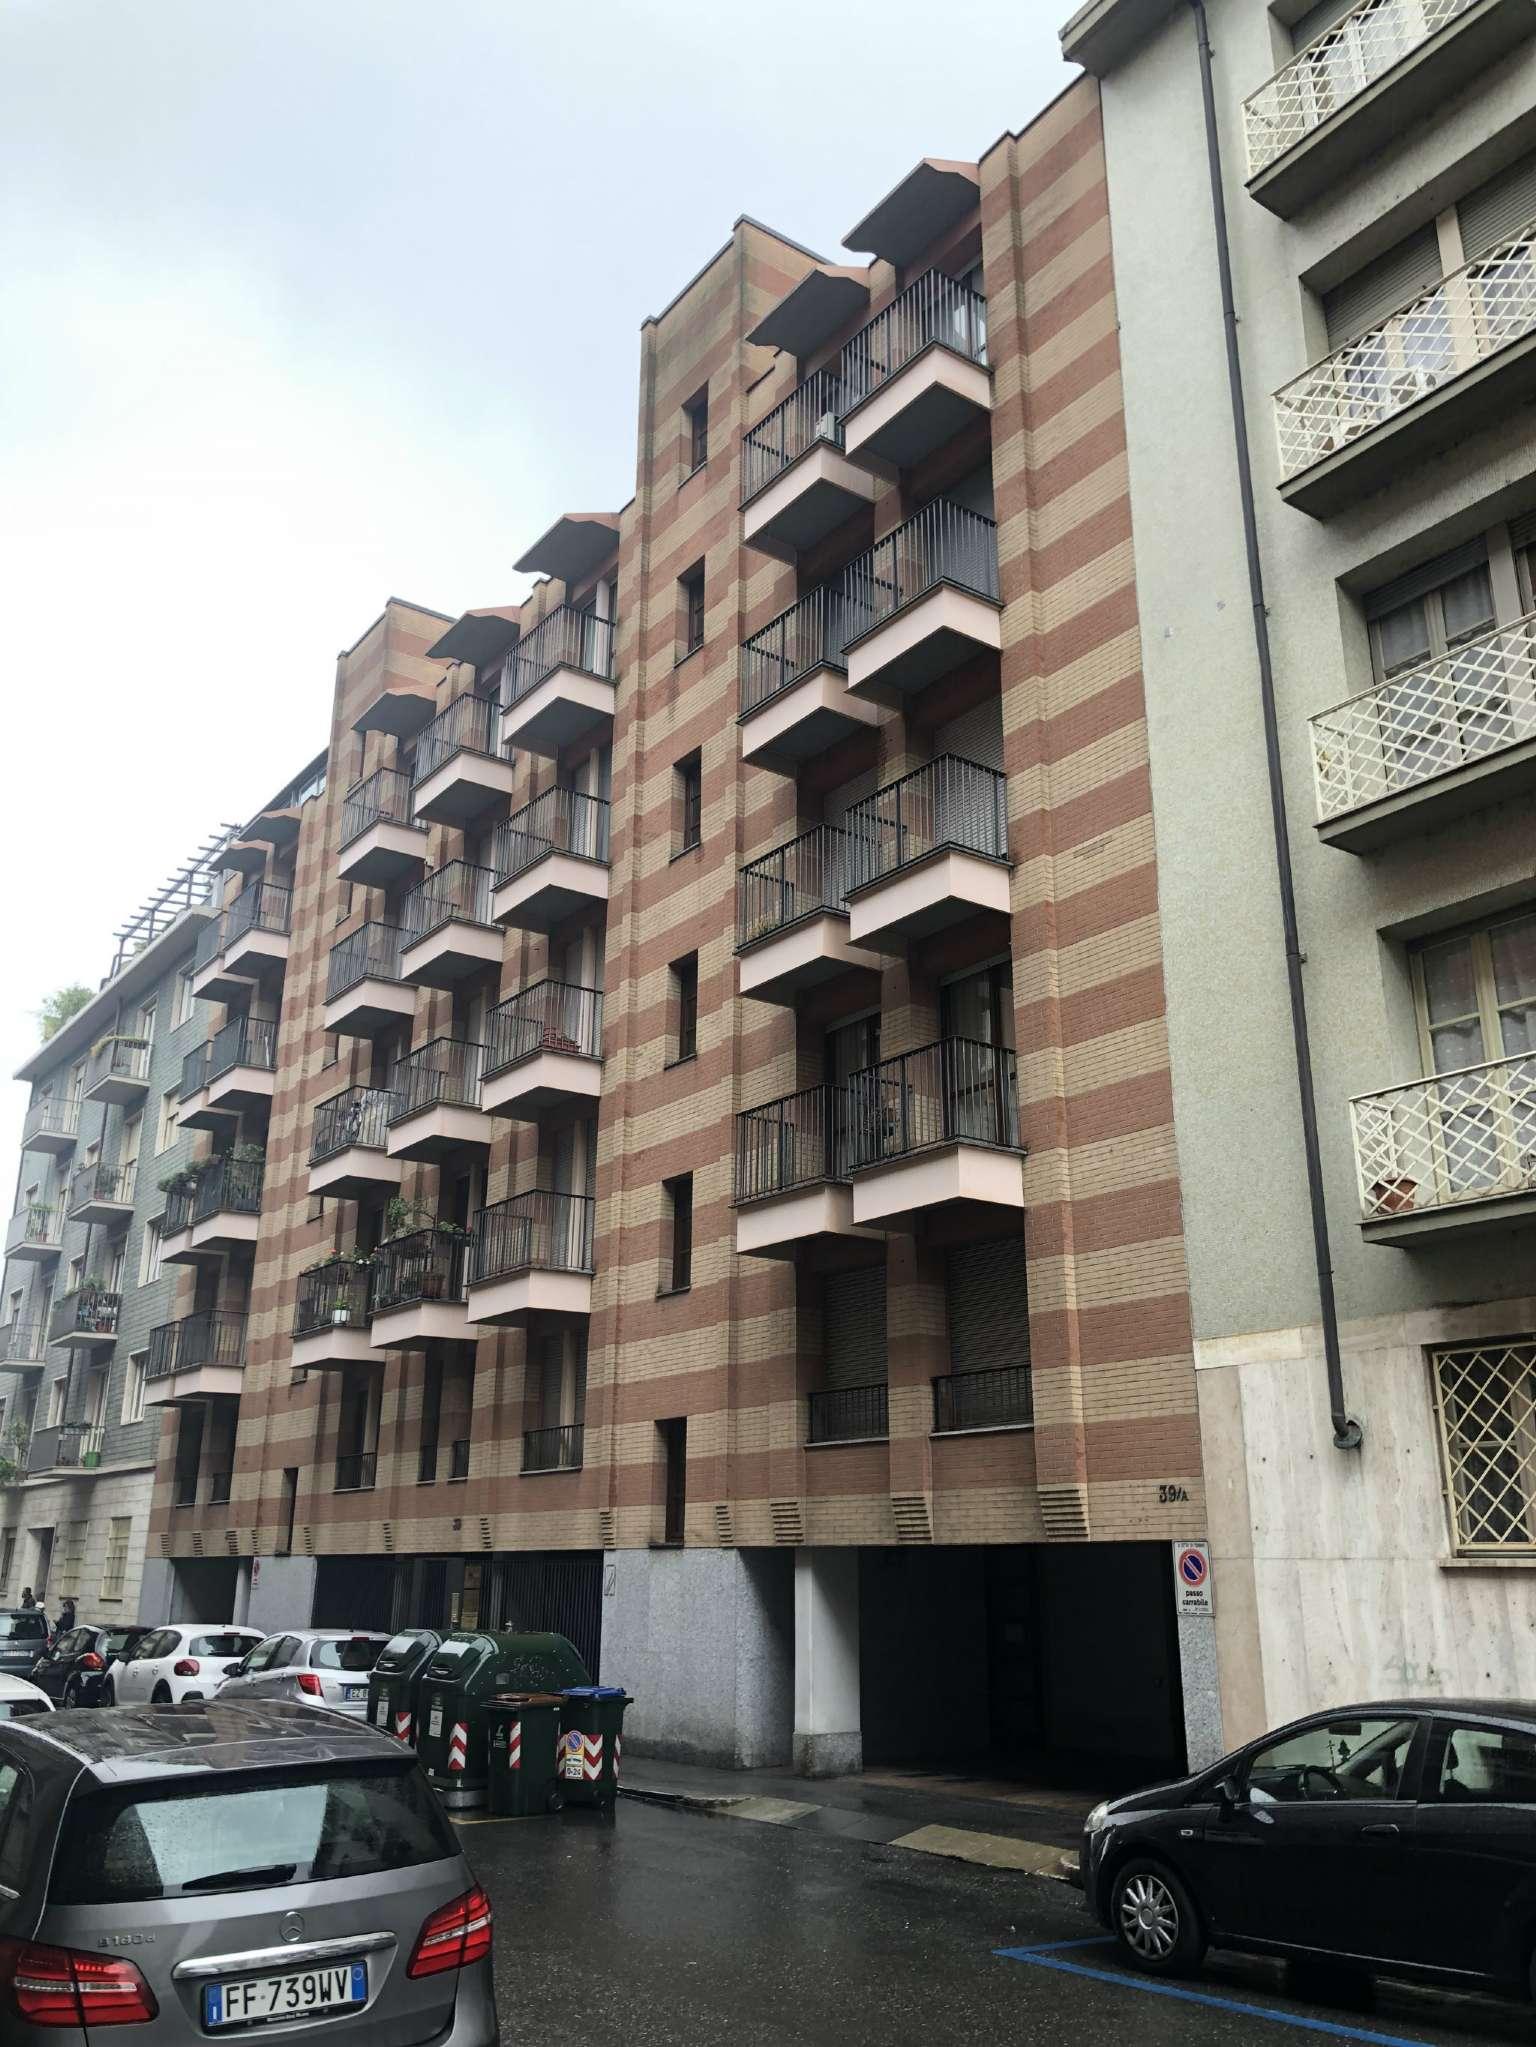 Appartamento in affitto Zona Cit Turin, San Donato, Campidoglio - via Avigliana 39 Torino